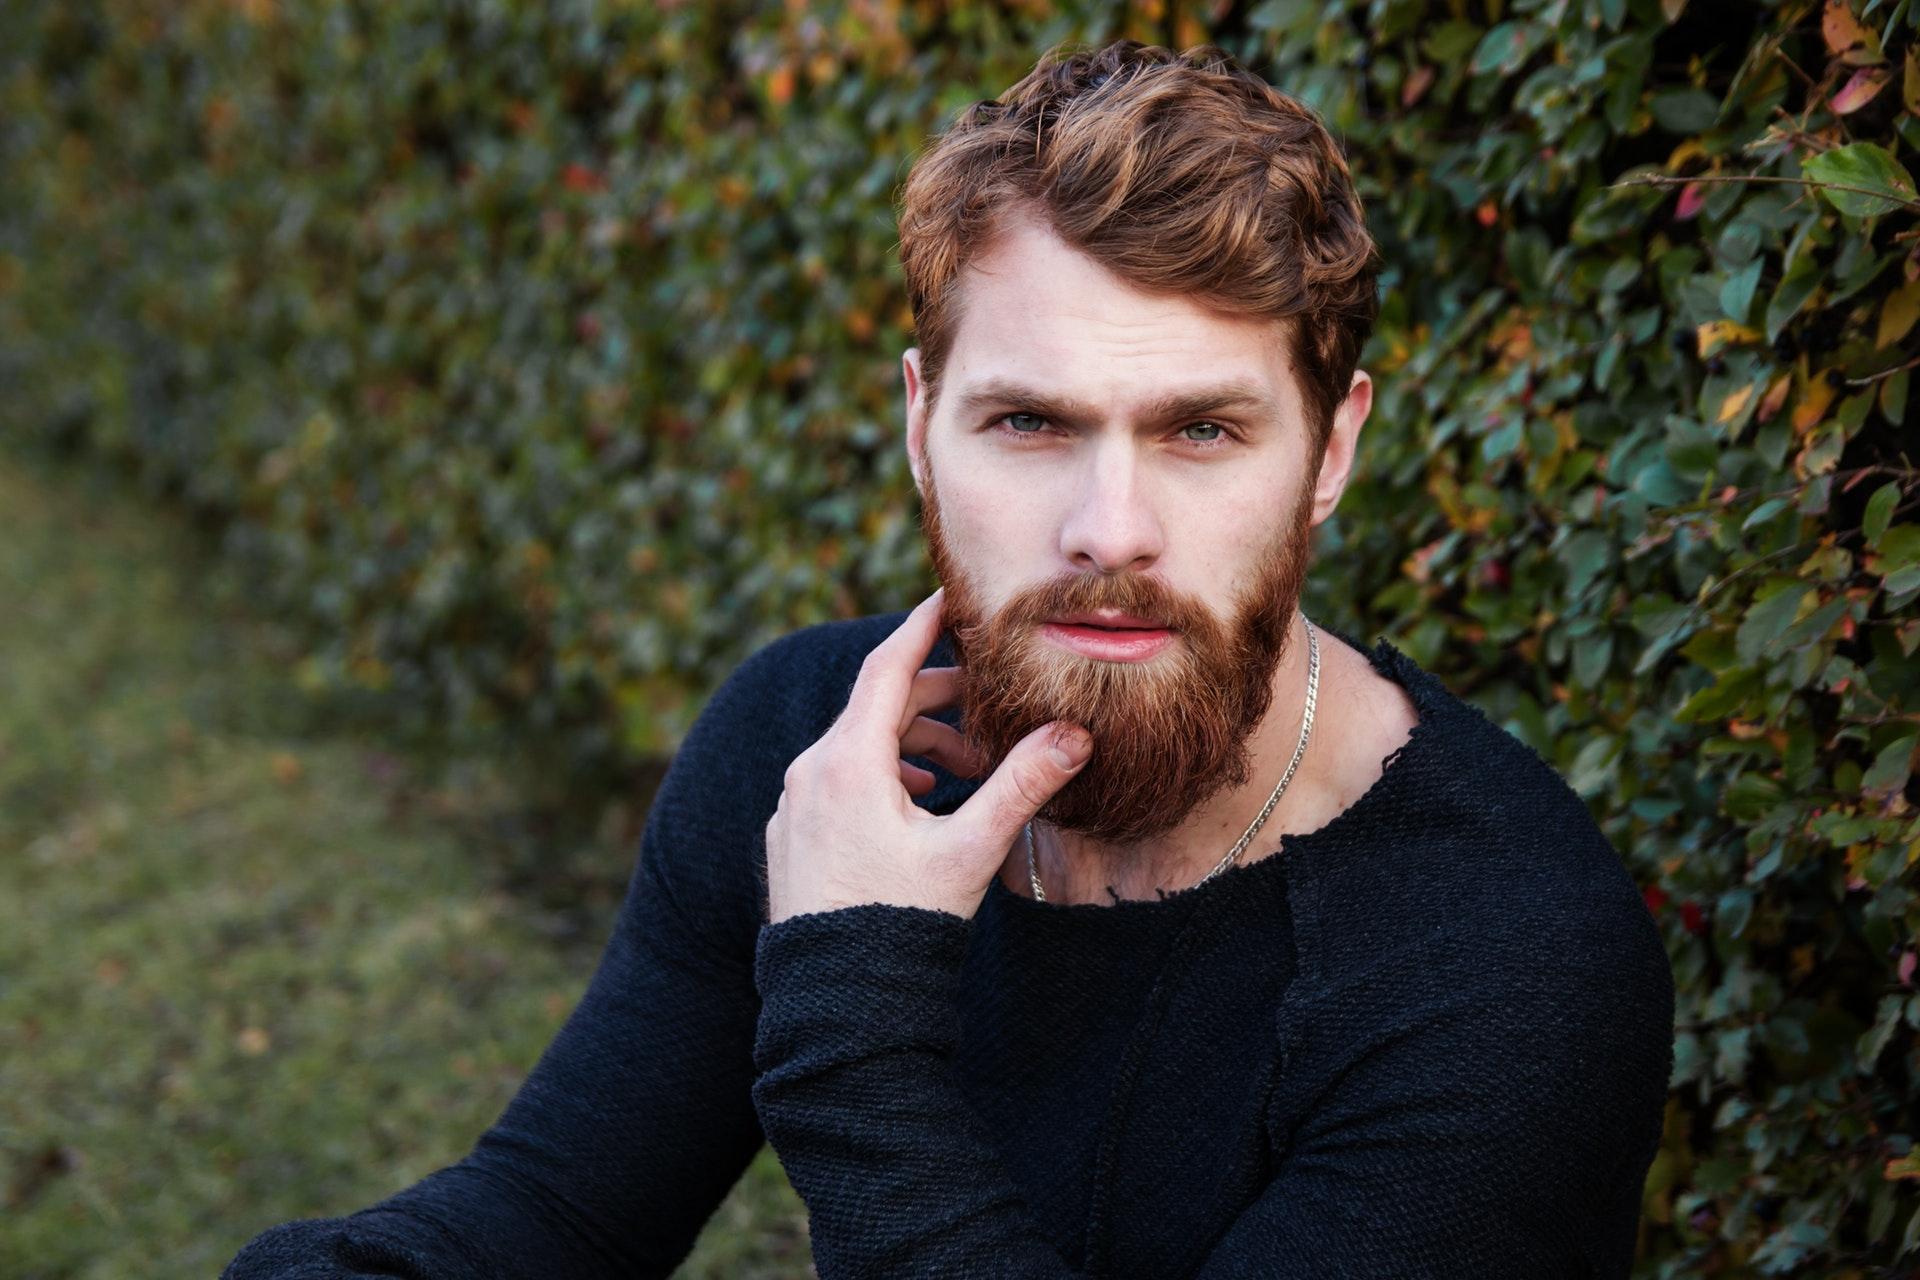 Farbowanie Męskich Włosów Hit Czy Kit Blog O Modzie